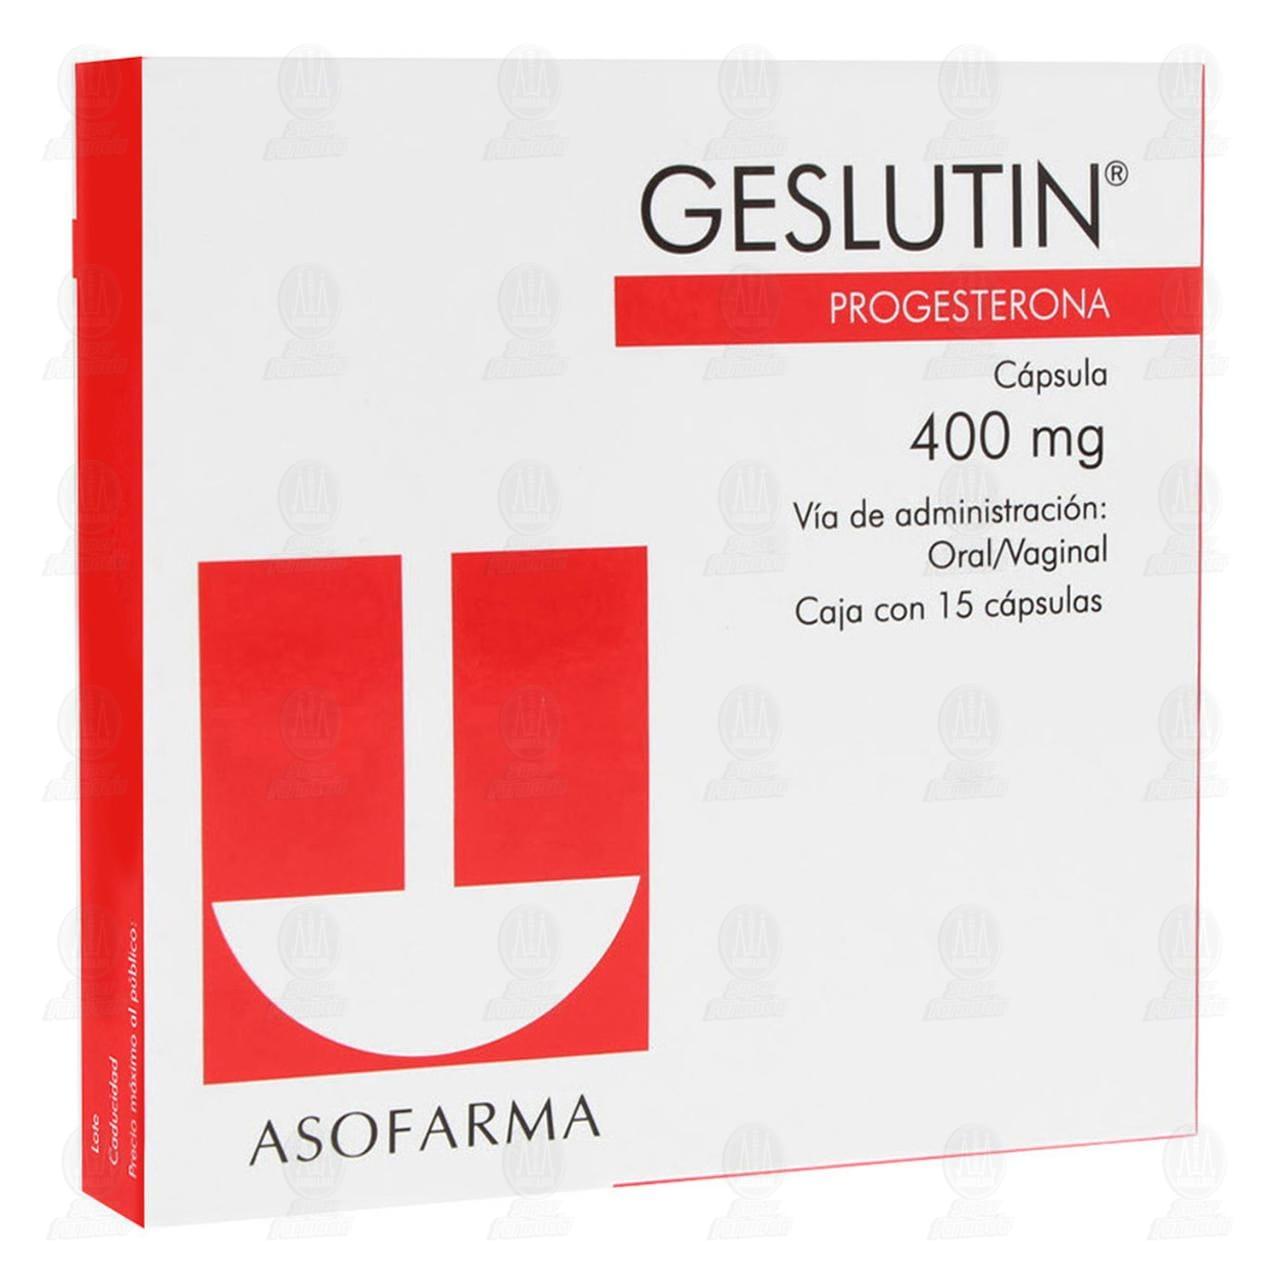 Comprar Geslutin 400mg 15 Cápsulas Oral / Vaginal en Farmacias Guadalajara